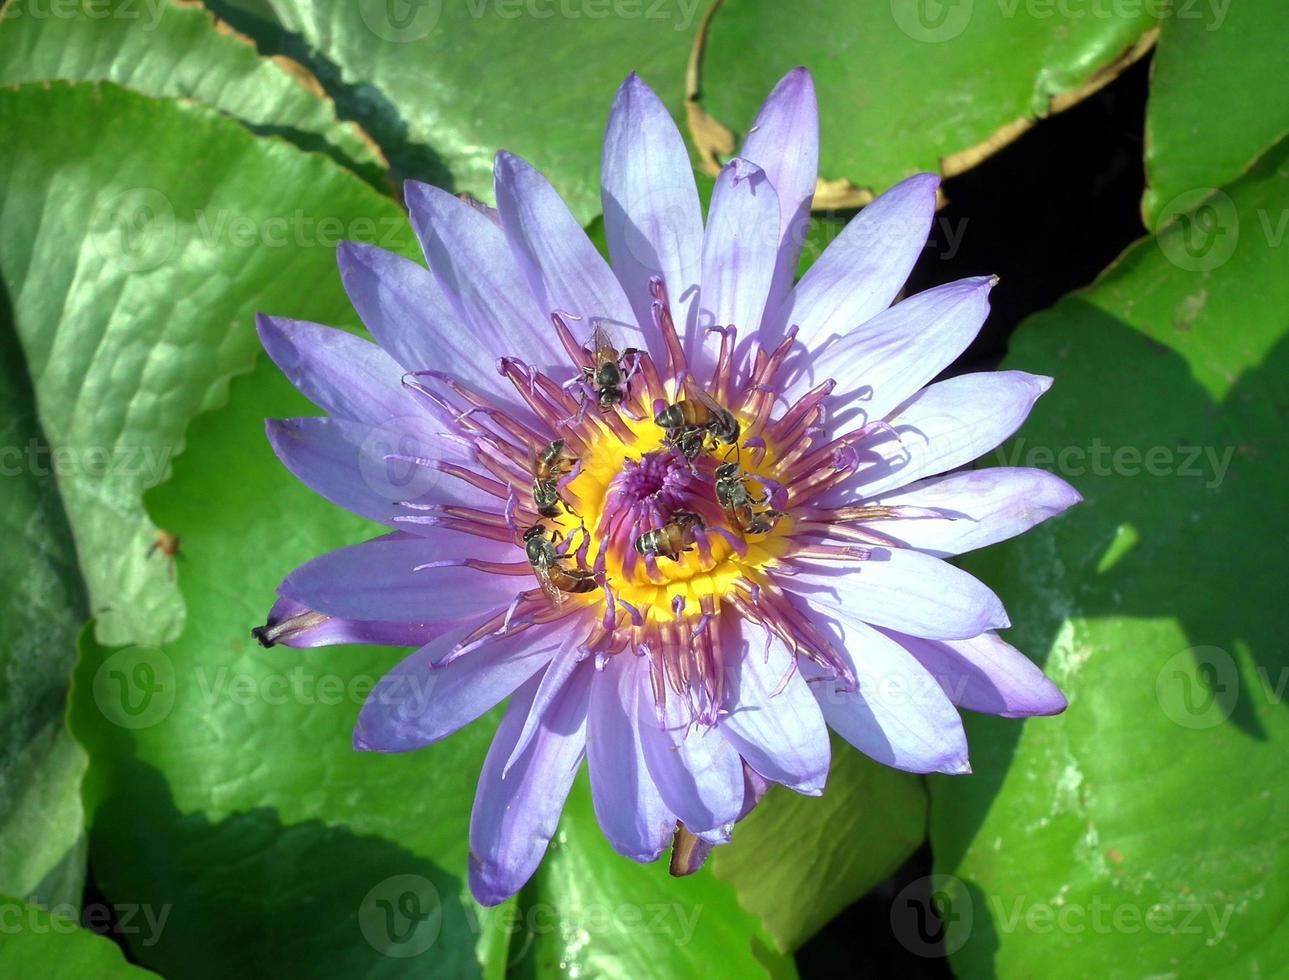 Cerca de loto púrpura con abeja foto